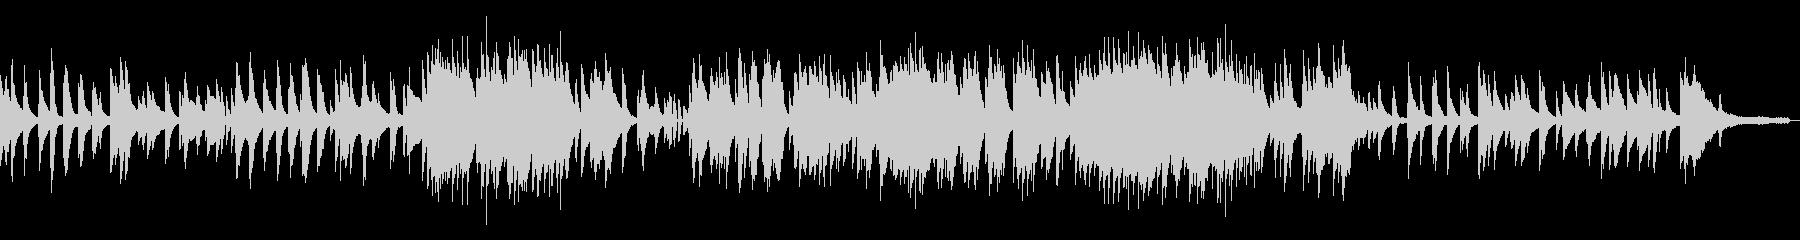 生演奏ピアノジャズバラードの未再生の波形